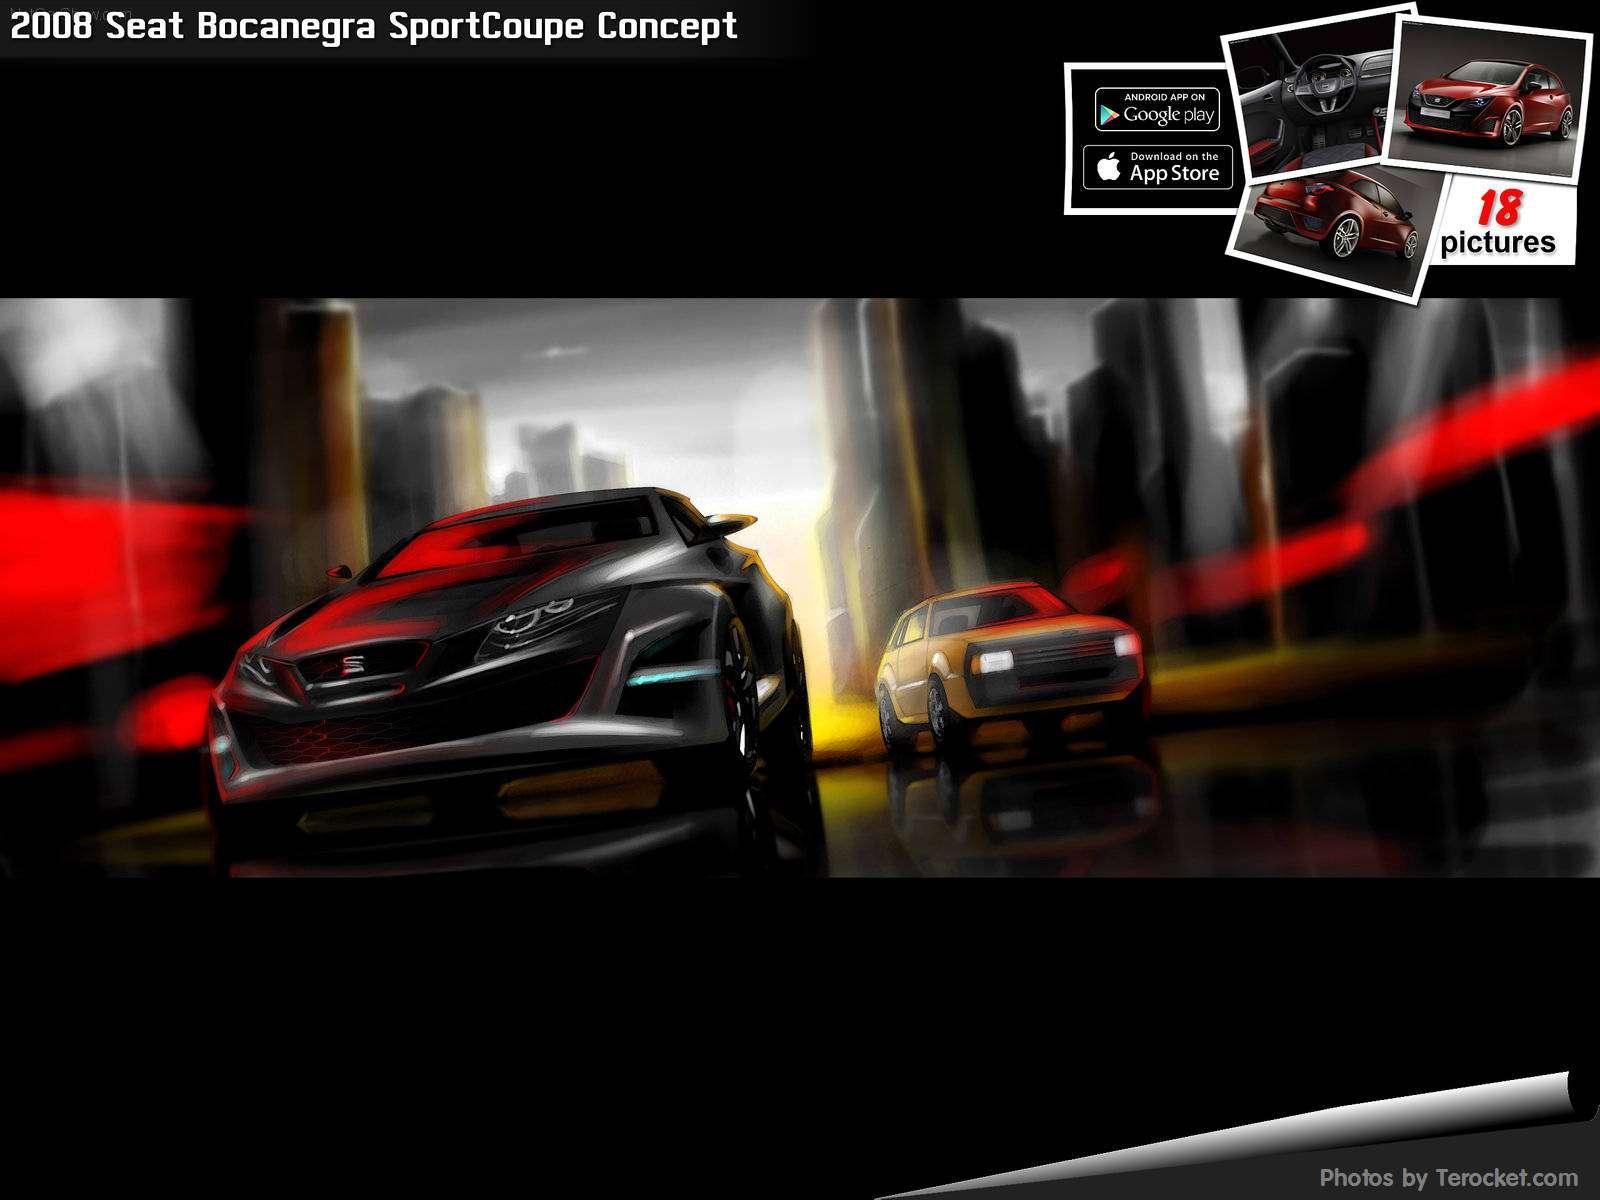 Hình ảnh xe ô tô Seat Bocanegra SportCoupe Concept 2008 & nội ngoại thất